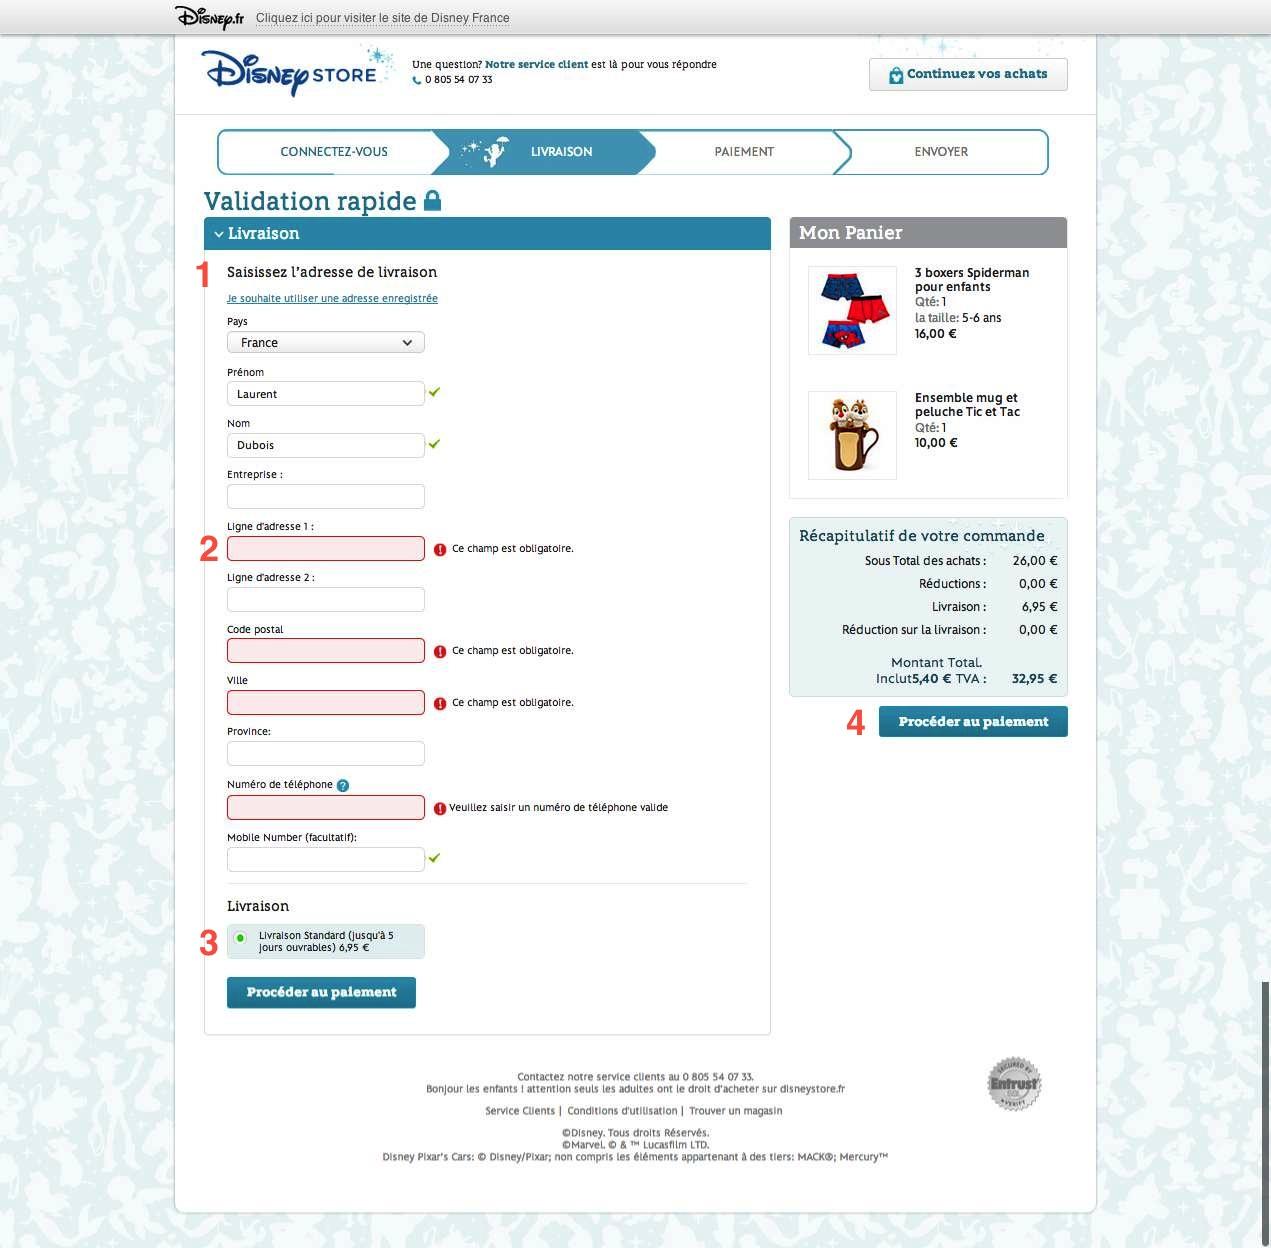 Formulaire de validation1-DisneyStore